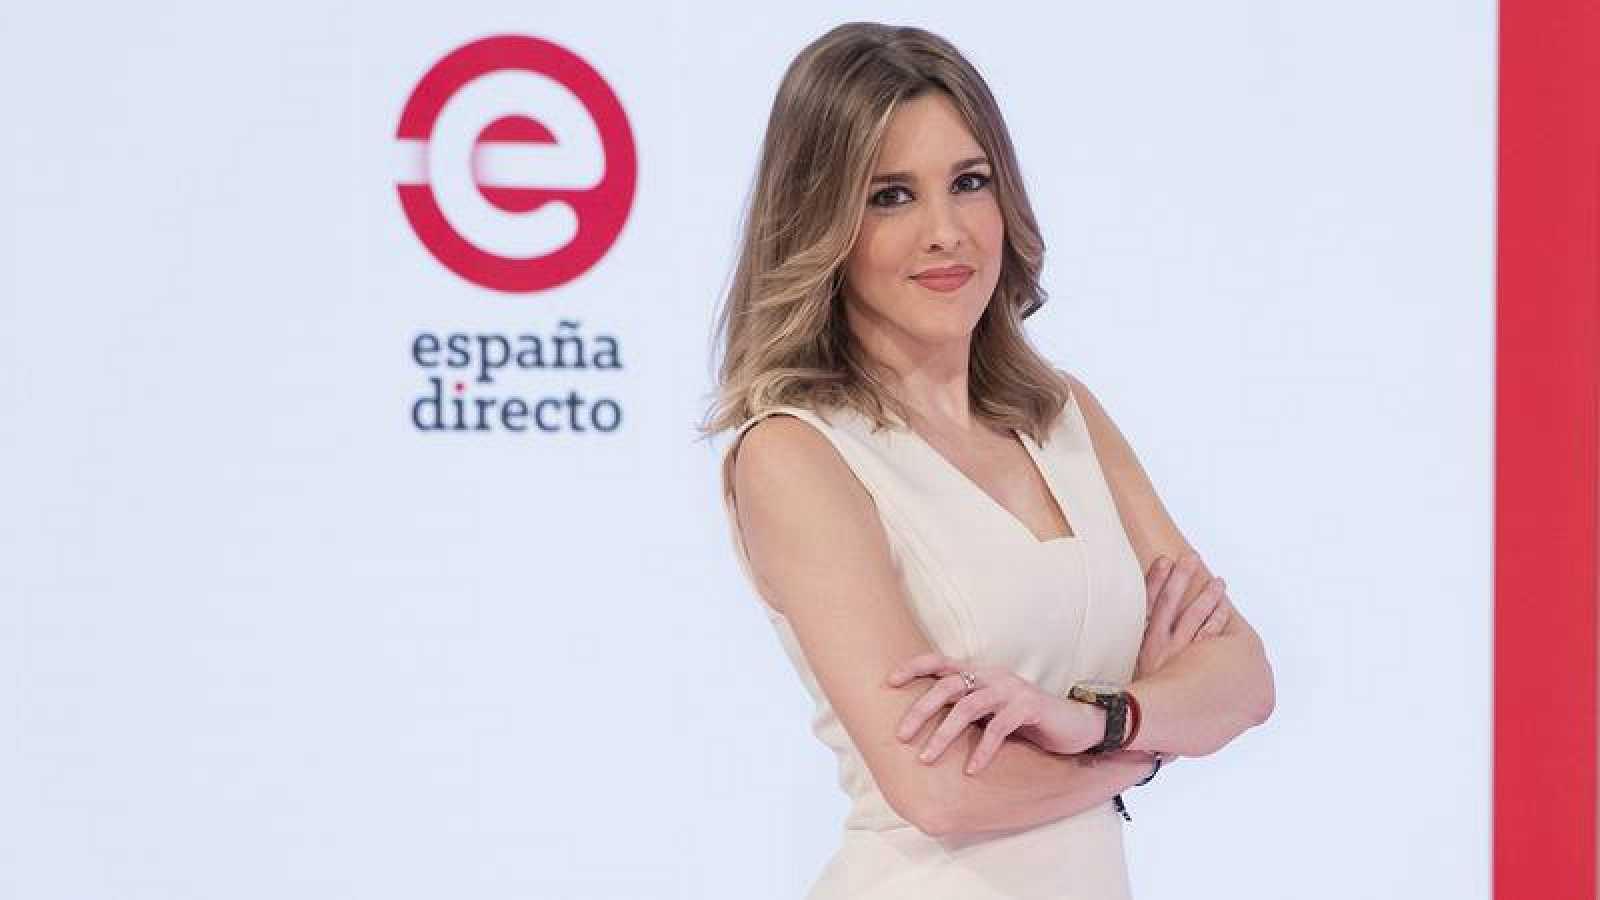 Ana Ibañez, actual presentadora de España Directo